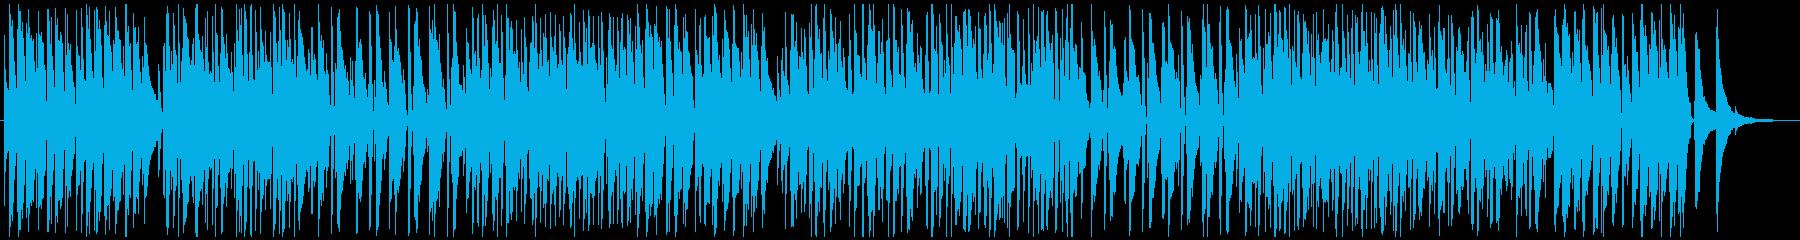 お洒落カフェジャズトリオの再生済みの波形